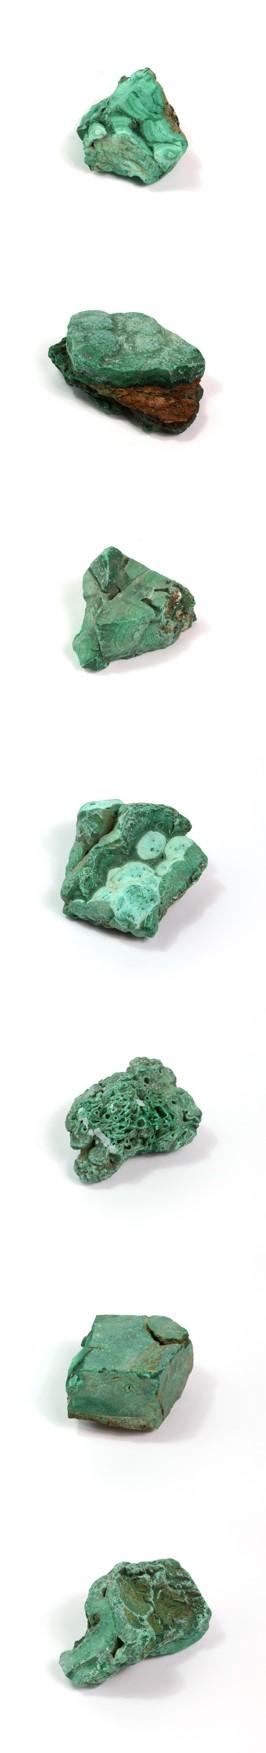 Malachit ist ein Halbedelstein, der zu künstlerischen Zwecken zermahlen und pulverisiert wird. Je nach Kornfeinheit und Ausmahlungsgrad kann der Farbton ziemlich schwanken. Je gröber die Körnung, umso feuriger die Nuance. Somit liegt der Farbton etwa zwischen dem eines leicht graustichigen Chromoxidgrün feurig und einer farbintensiven kalten Veroneser grünen Erde.